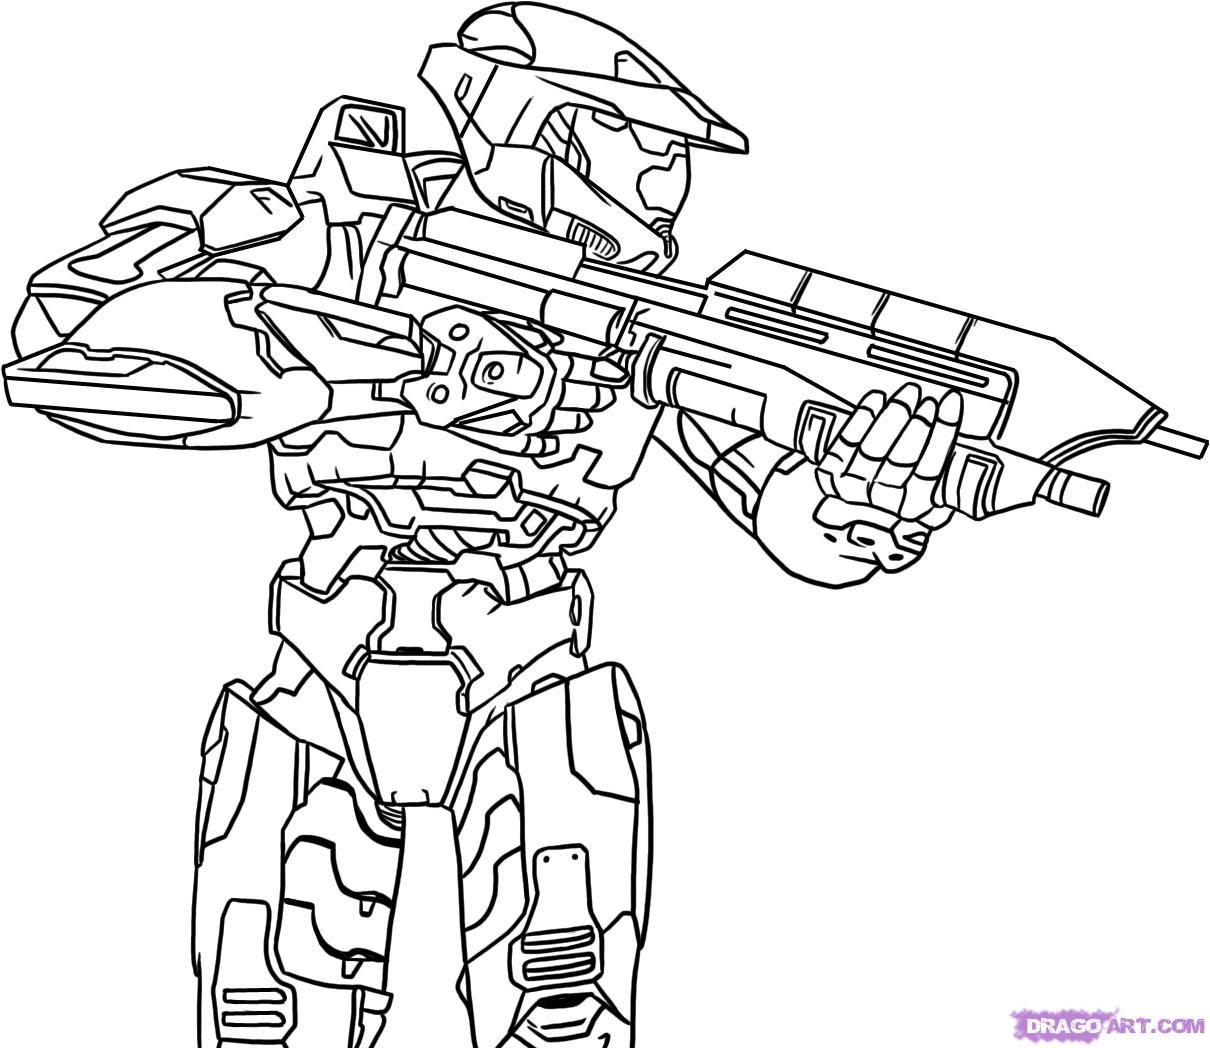 Halo 5 Dibujos Para Pintar